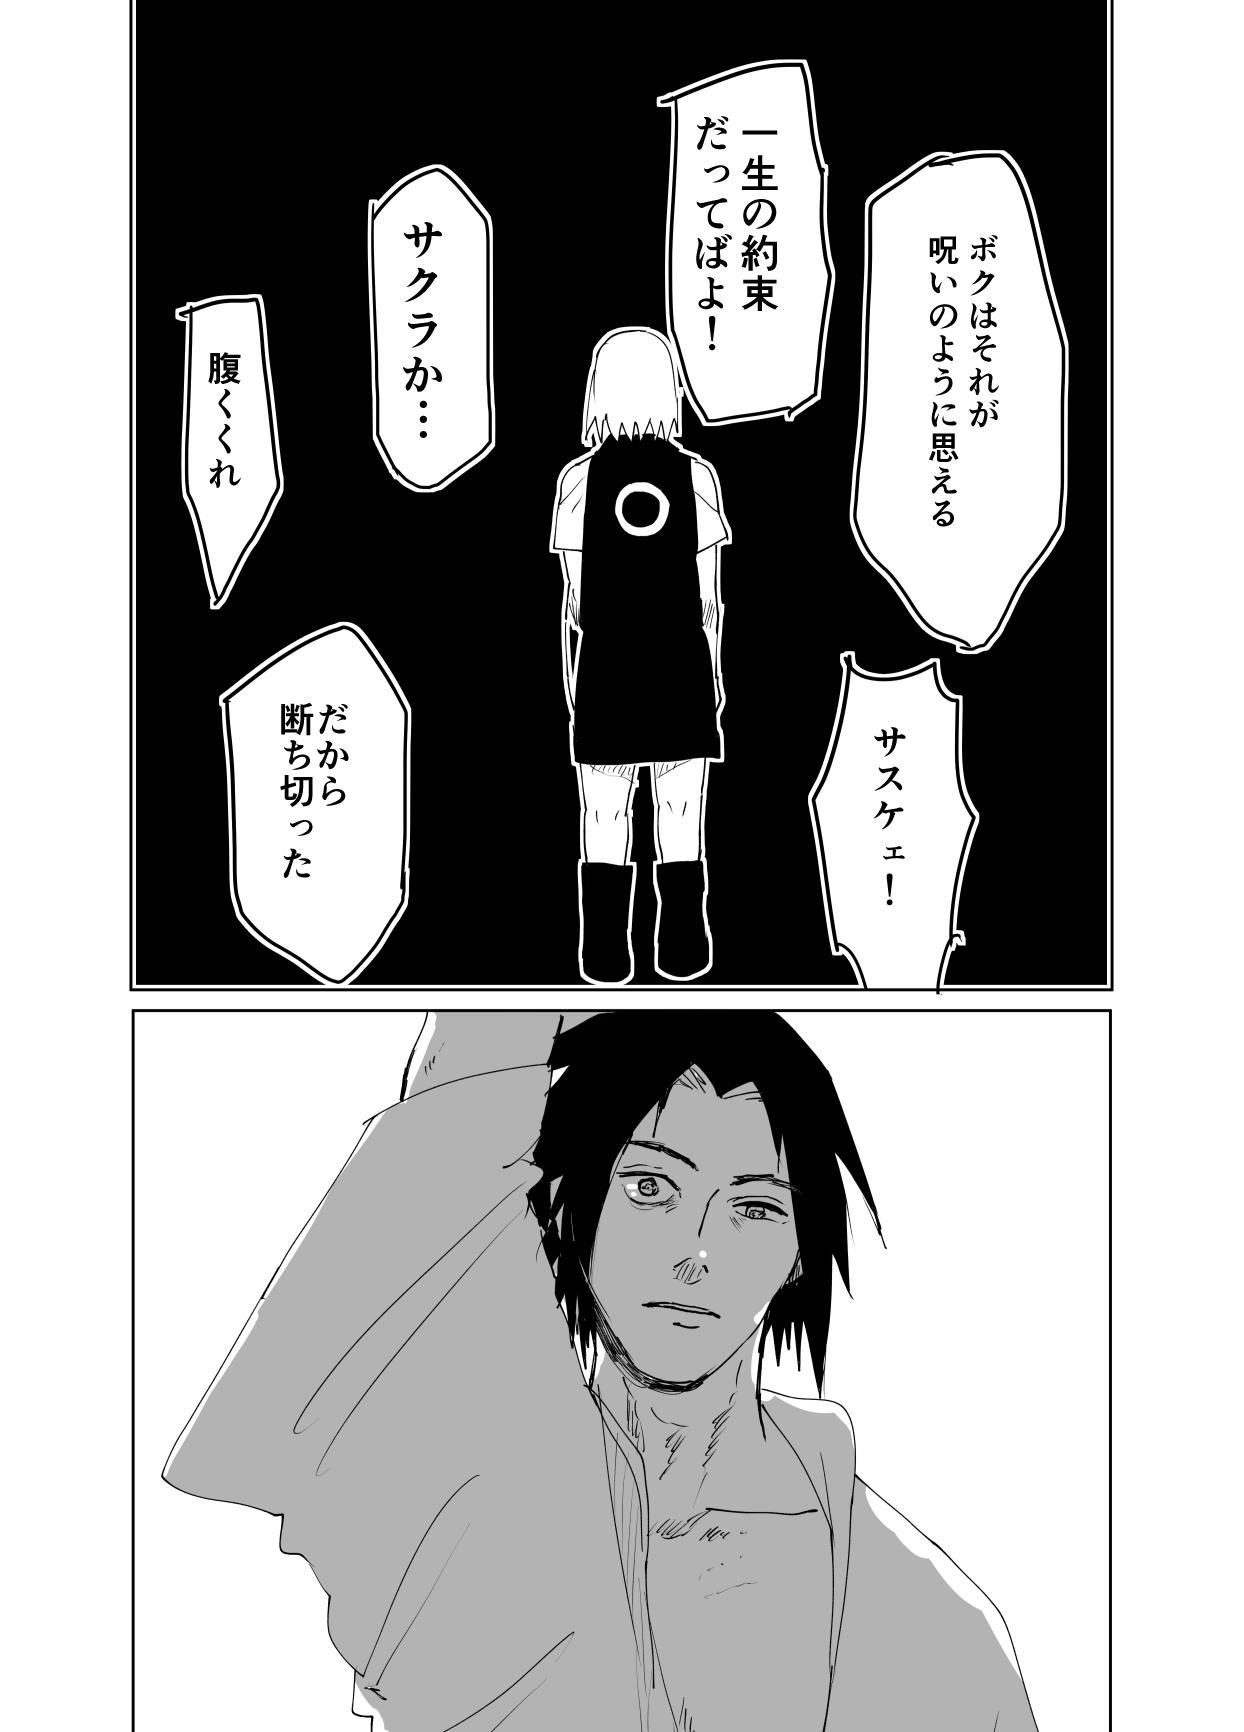 嘘告白漫画 30